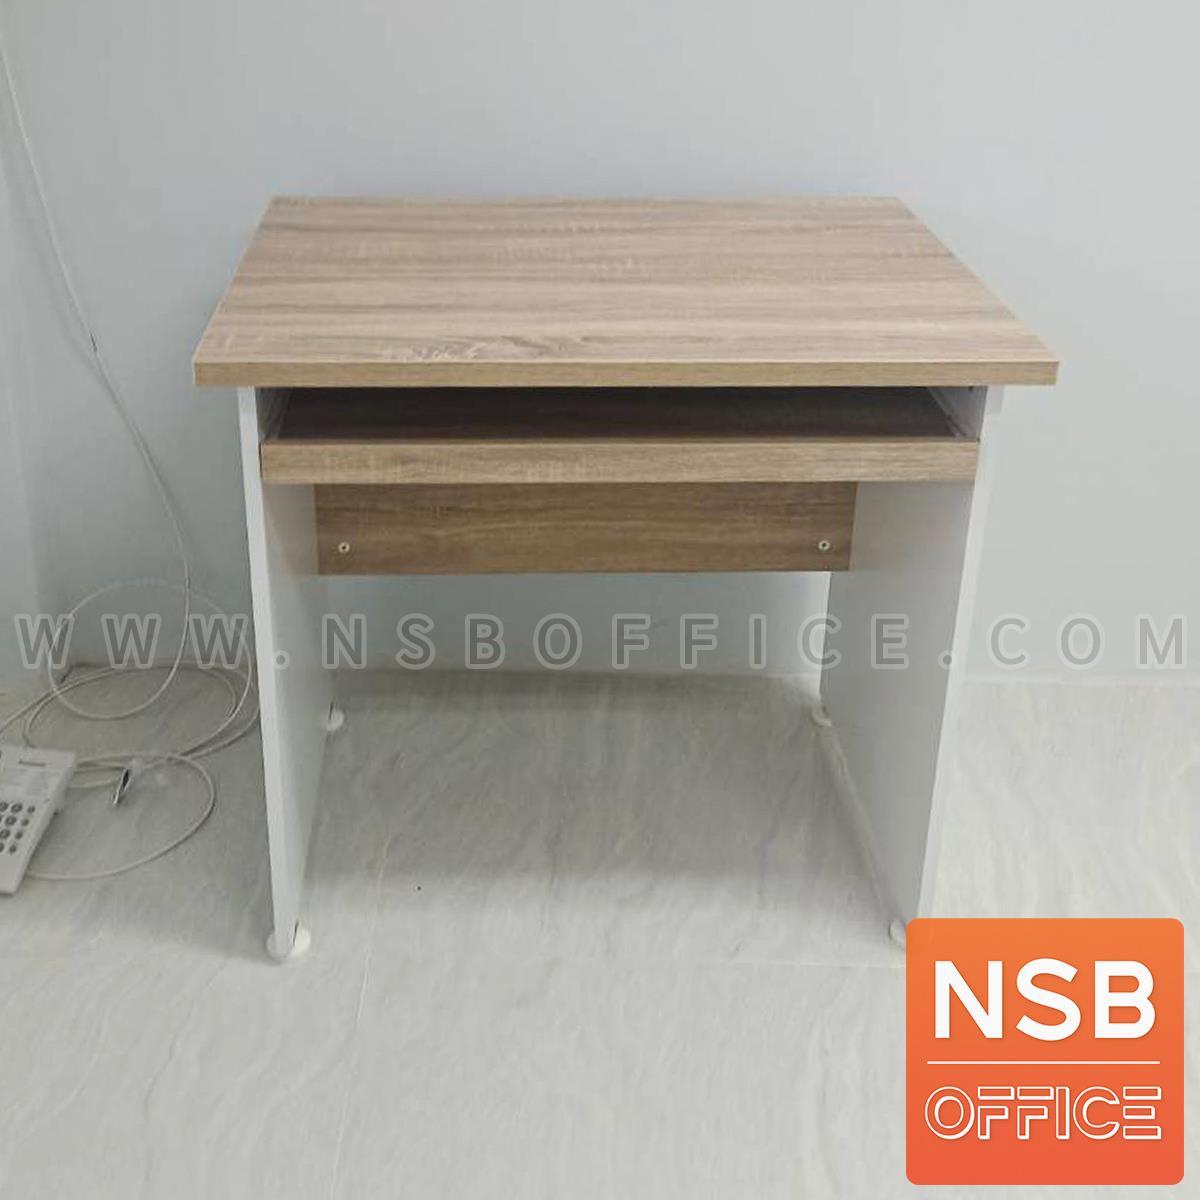 โต๊ะคอมพิวเตอร์  รุ่น Curious (คิวเรียส) ขนาด 80W cm. พร้อมรางคีย์บอร์ด สีเนเจอร์ทีค-ขาว